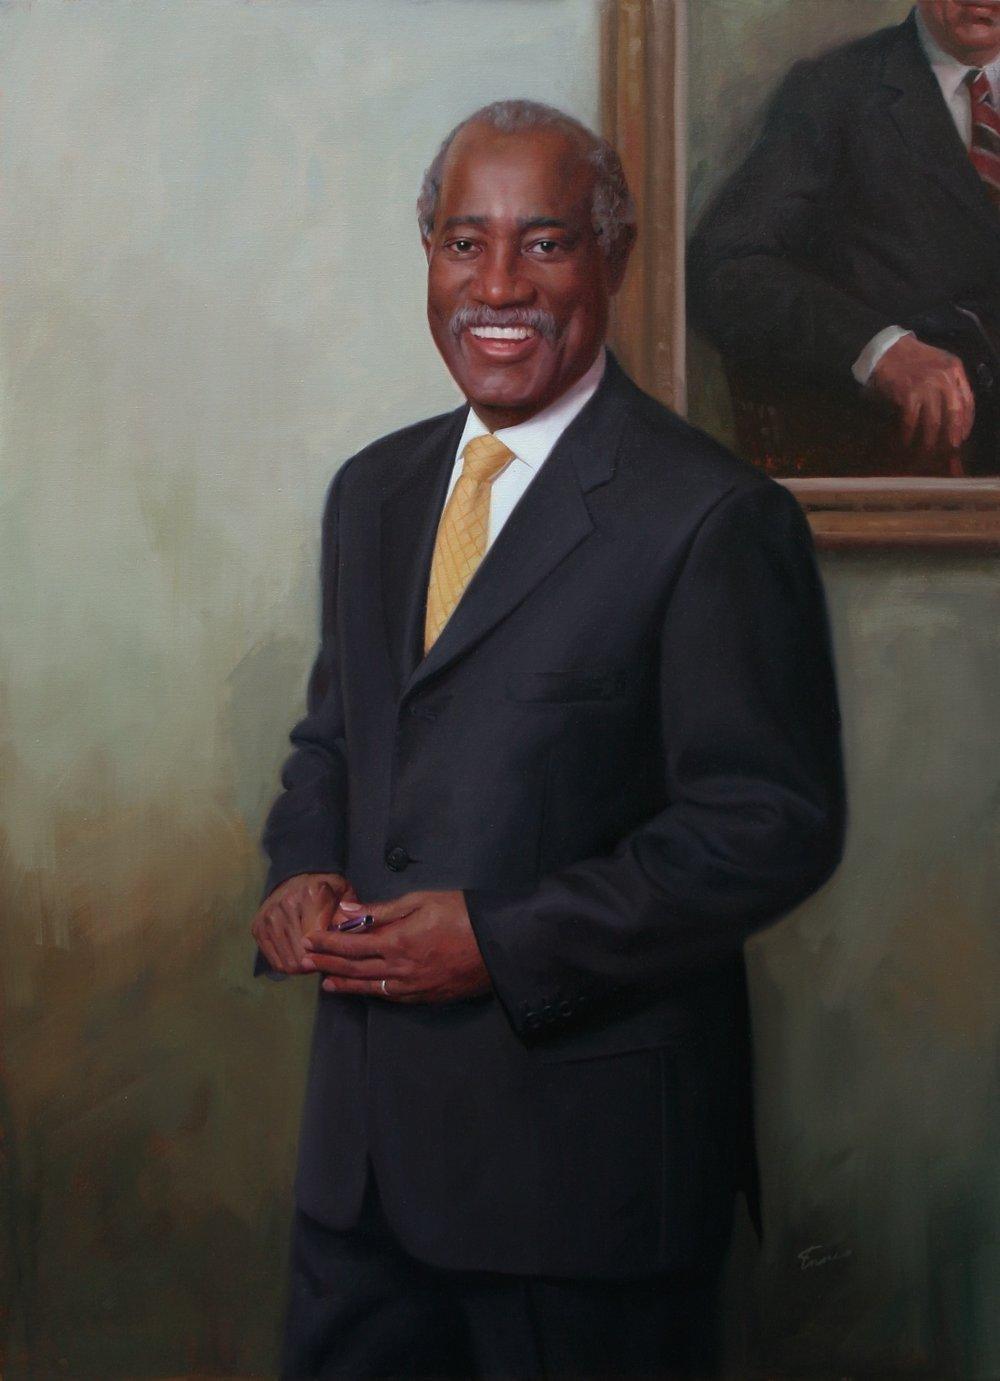 Dean Burnele Powell